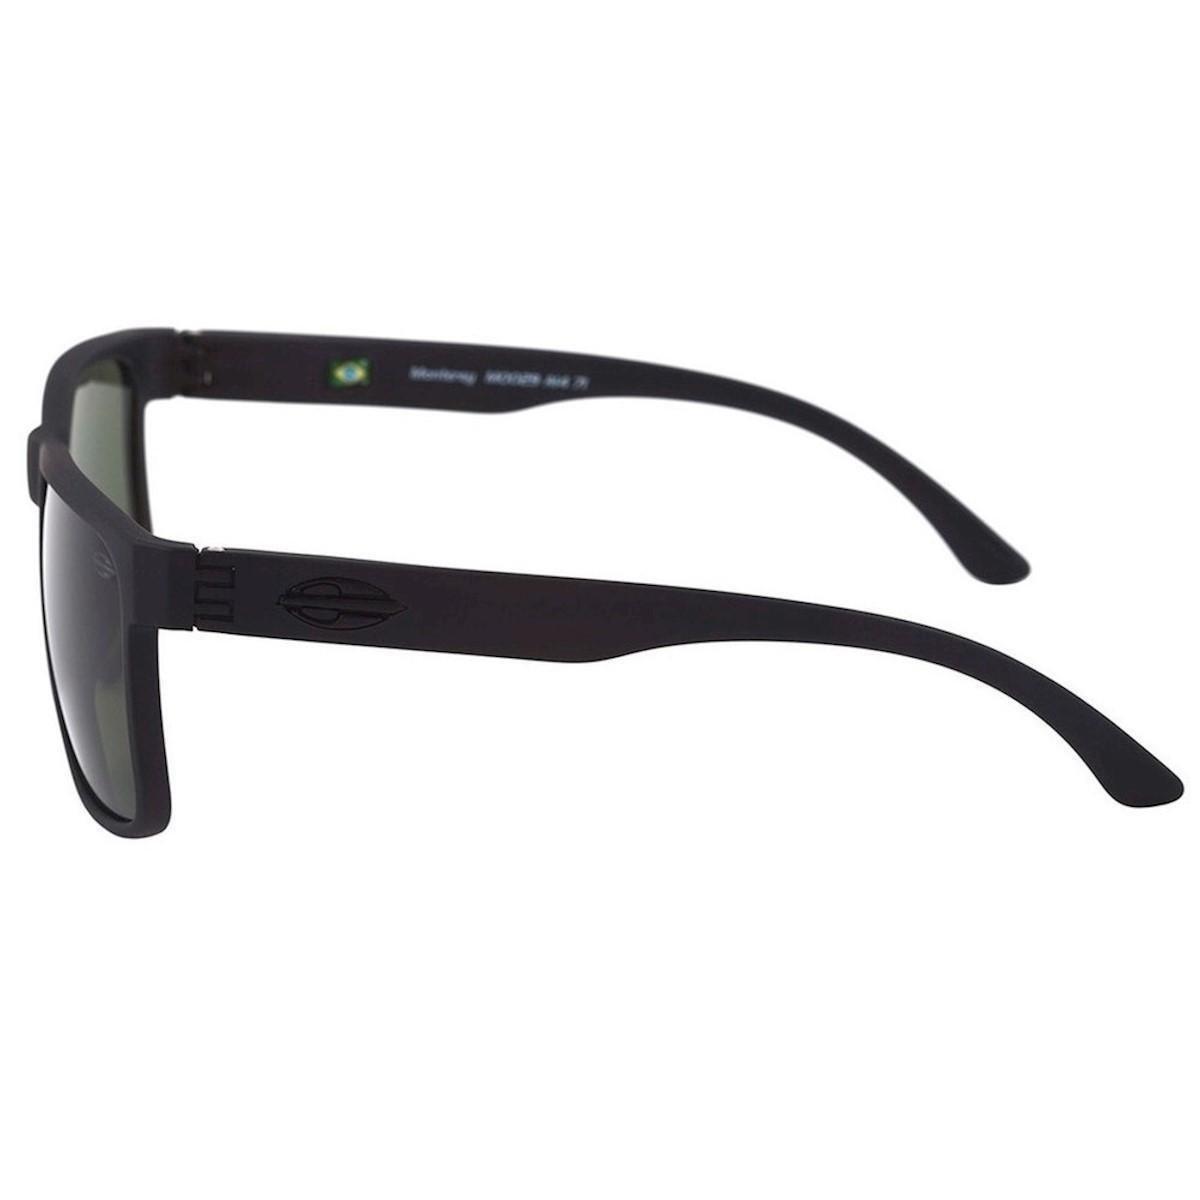 Óculos de Sol Mormaii Monterey Polarizado Fosco Masculino - Preto ... 1feb00f5d8